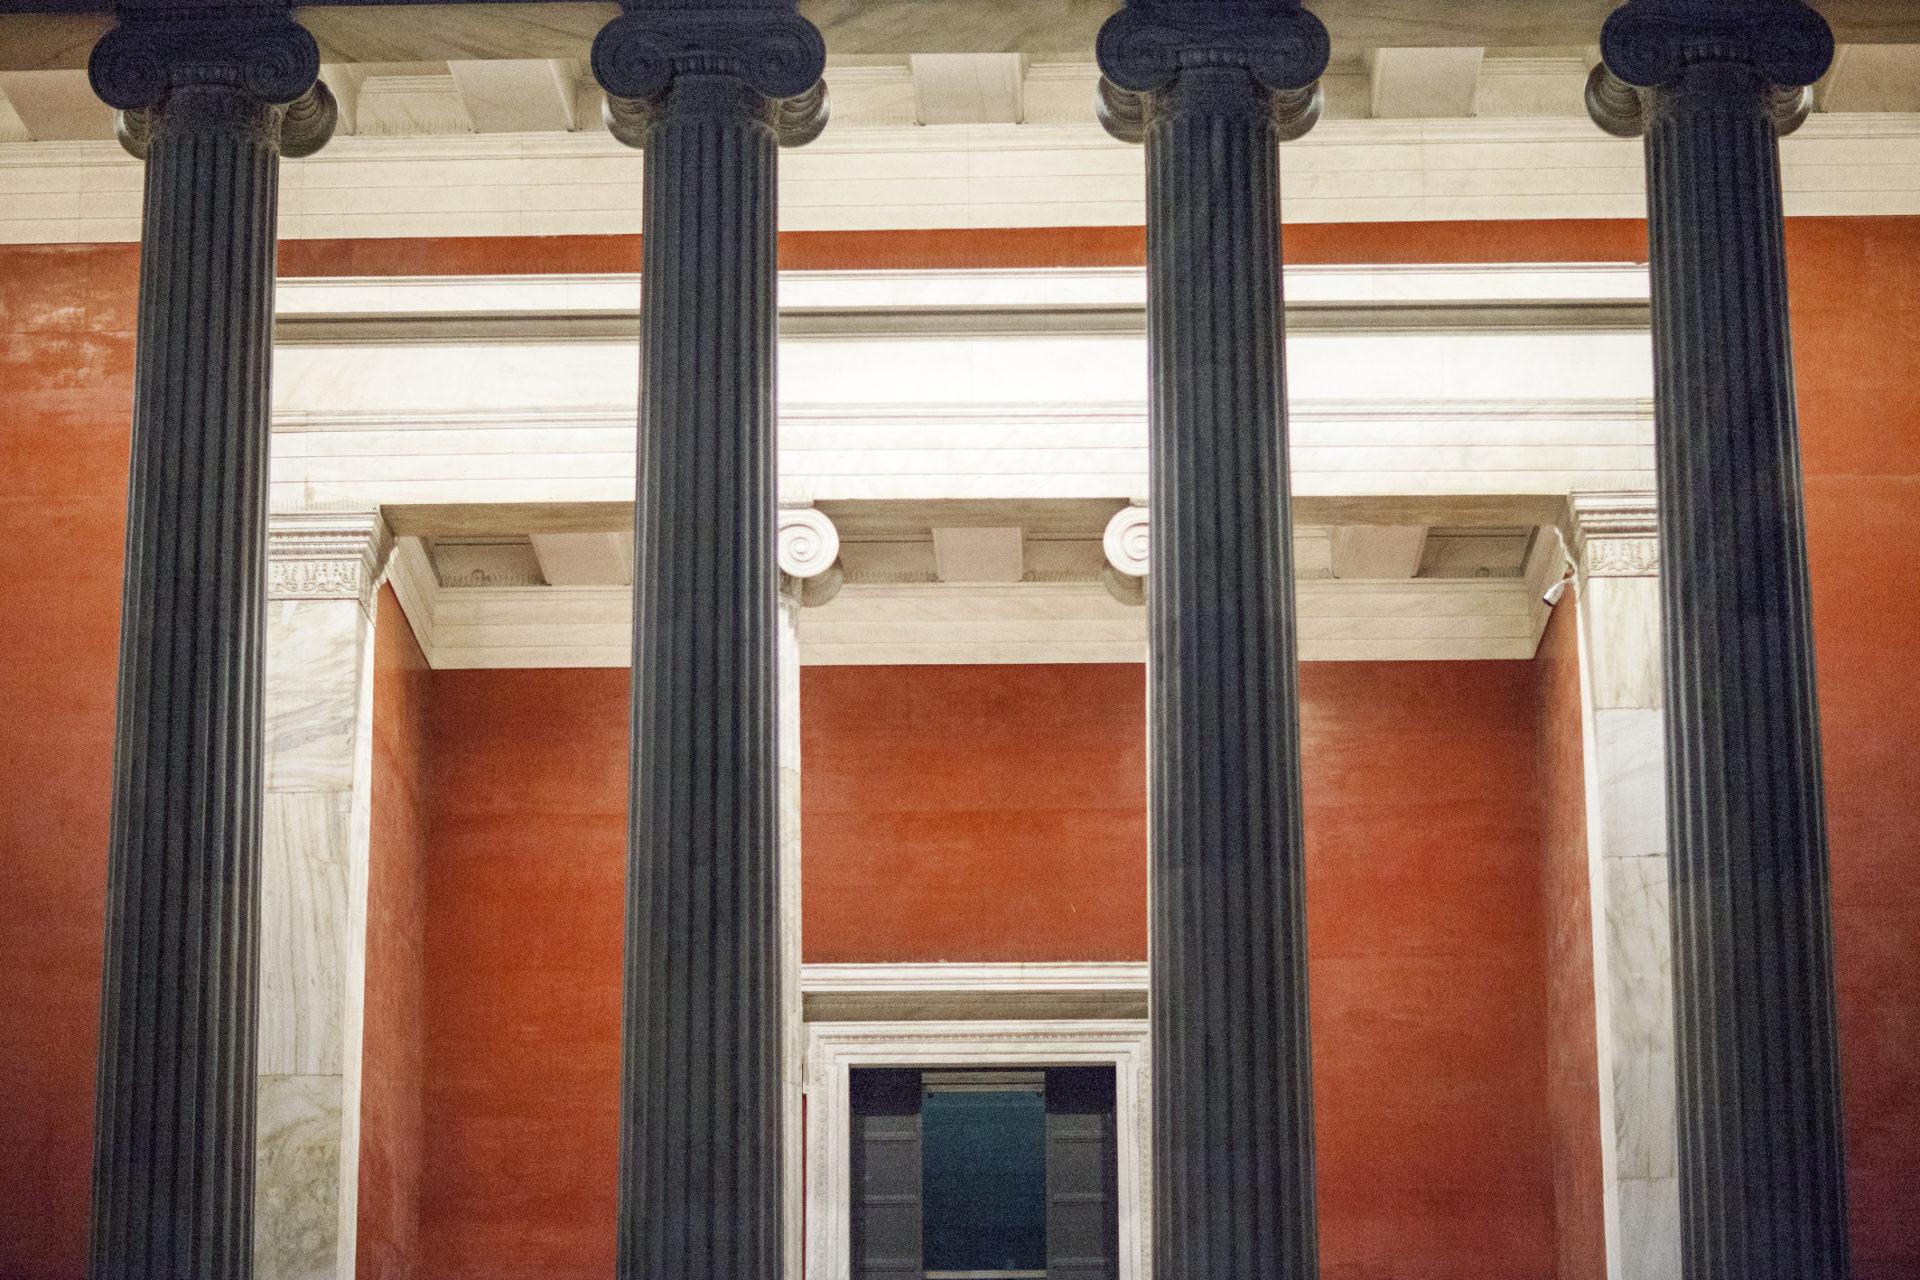 Αρχαιολογικού Μουσείου Αθήνας στην Ακαδημία Πλάτωνος